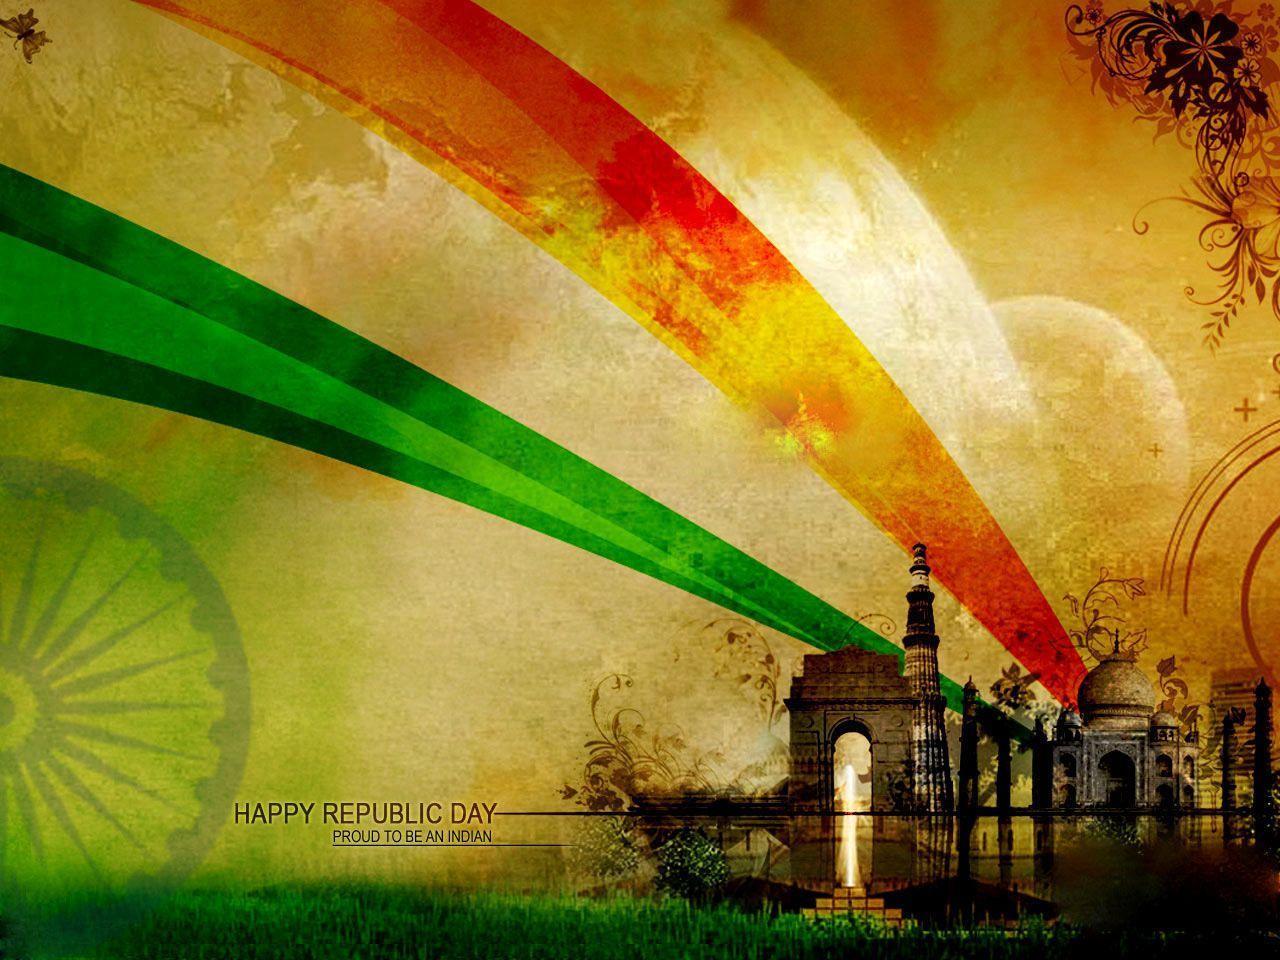 1280x960 Hình nền tốt nhất cho Ngày Cộng hòa Hạnh phúc Sáng tạo HD Ấn Độ